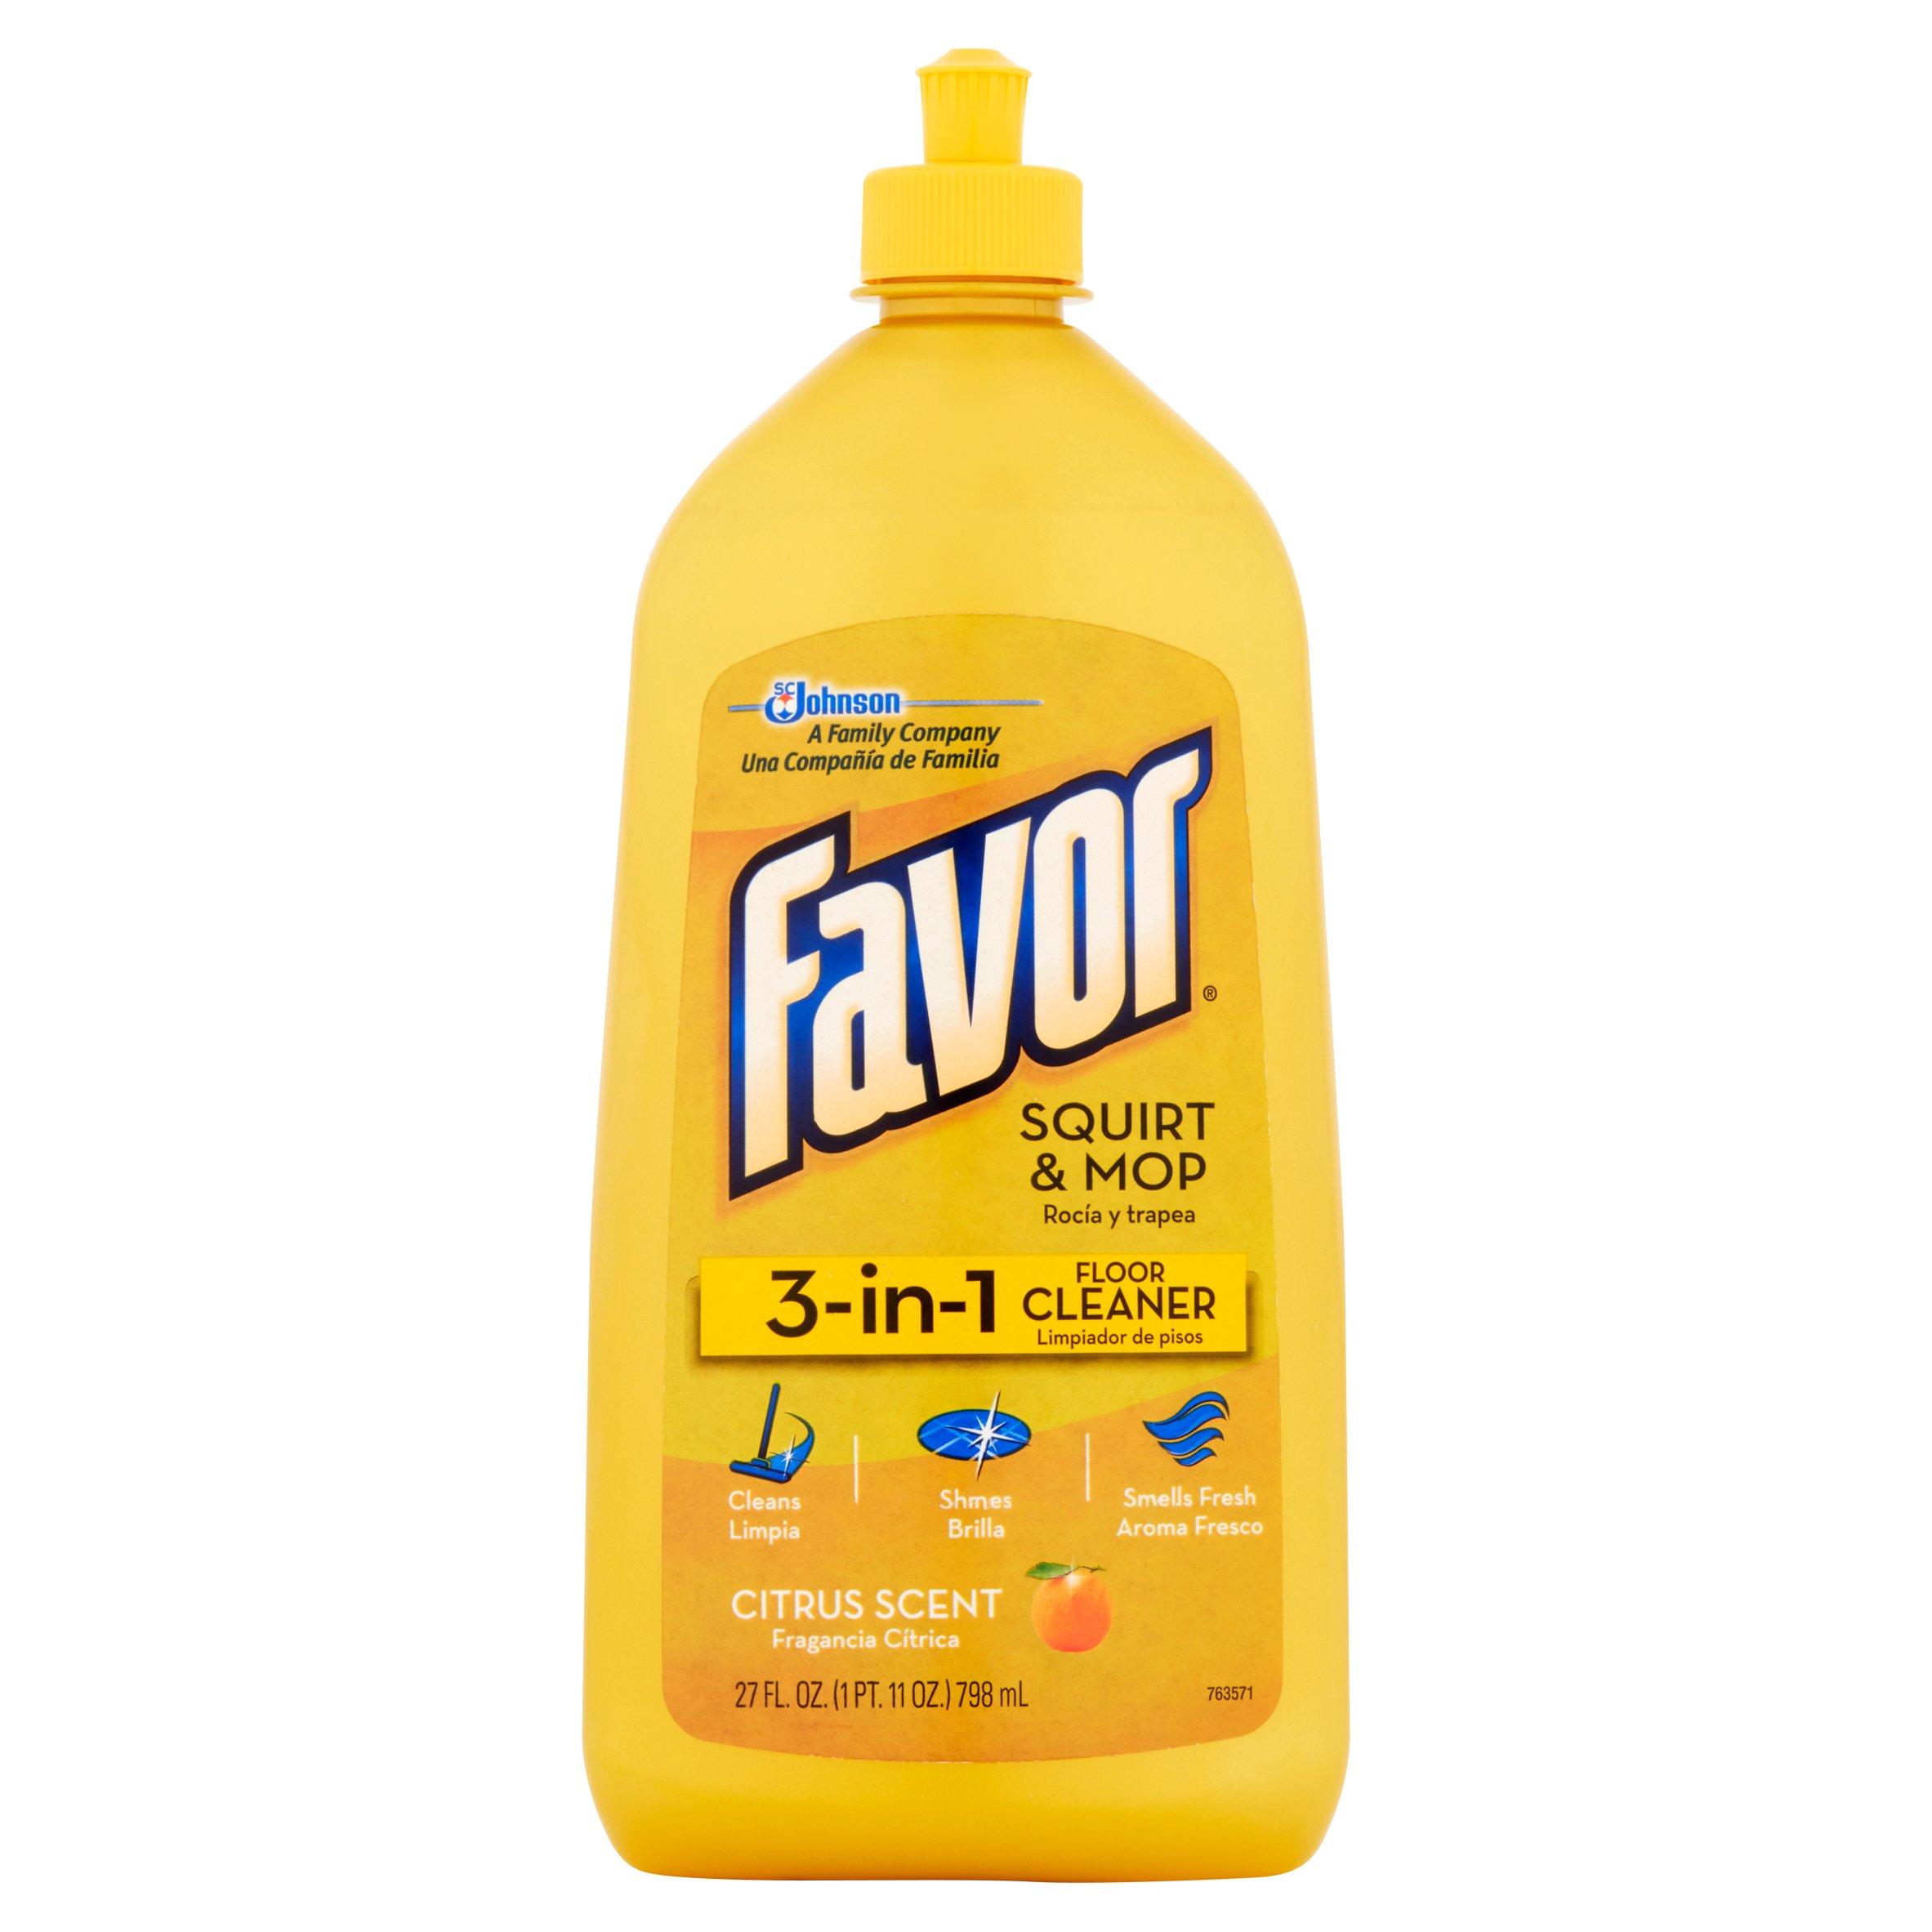 Favor 3 In 1 Citrus Scent Squirt U0026 Mop Floor Cleaner, 27 Fl Oz   Walmart.com